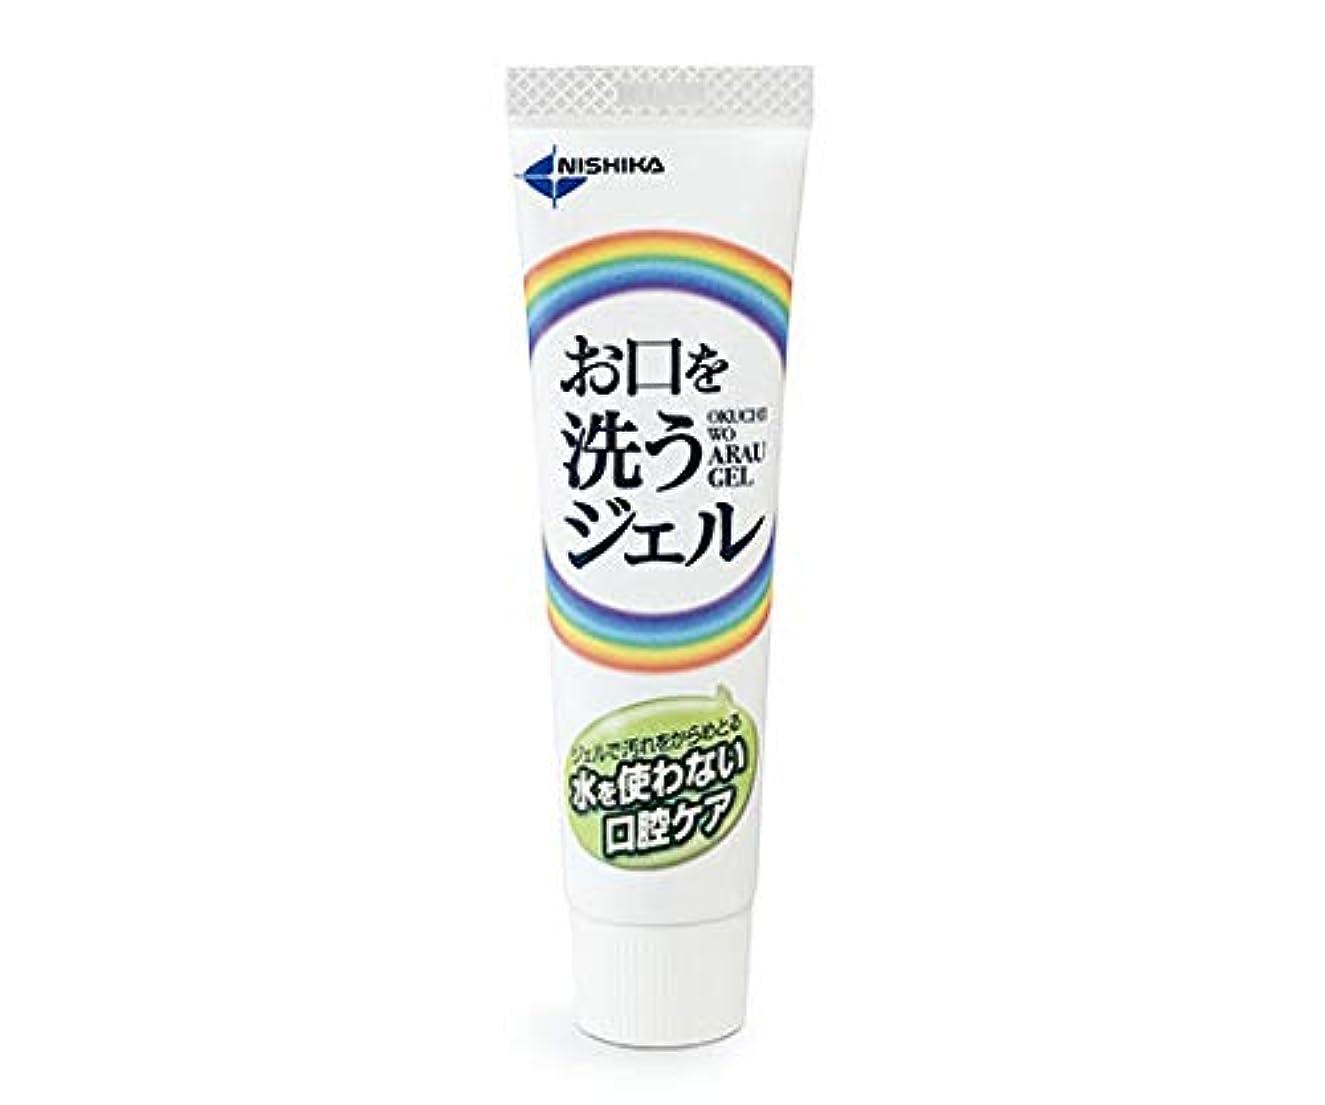 におい畝間耐えられない日本歯科薬品 お口を洗うジェル(口腔ケア用ジェル) 25g